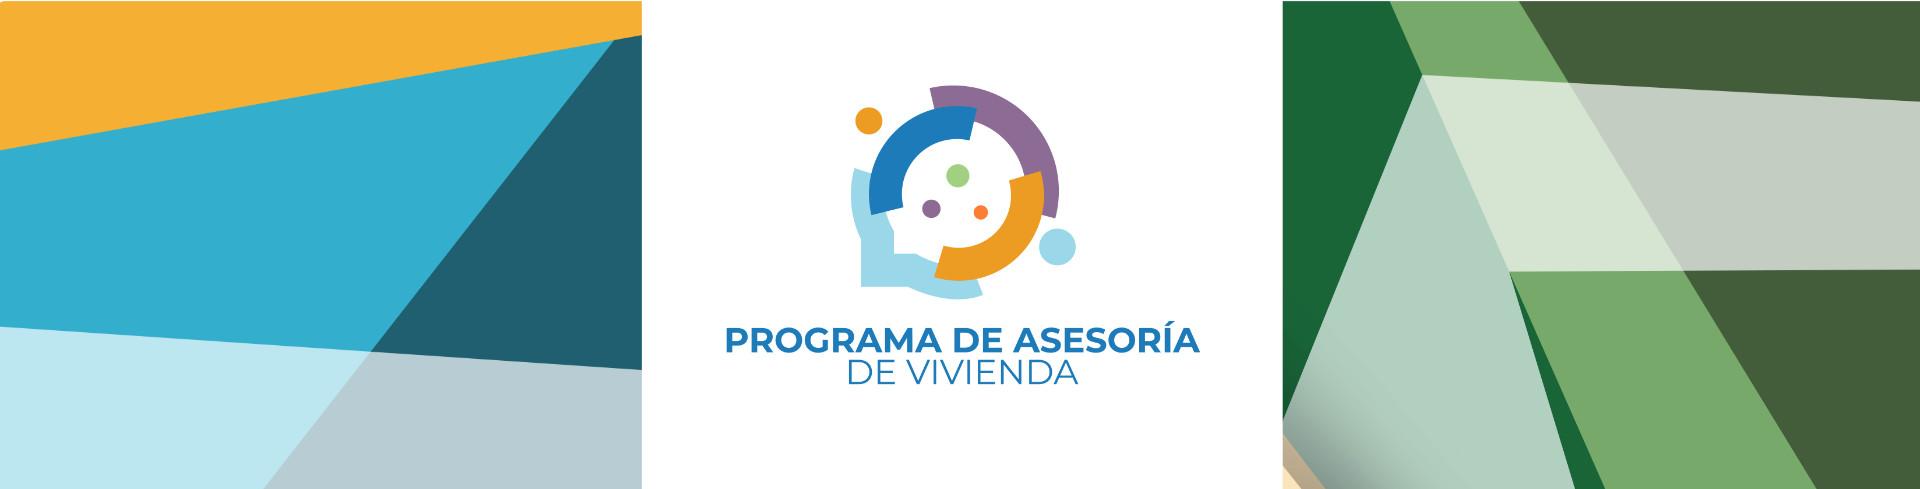 Programa de Asesoría de Vivienda